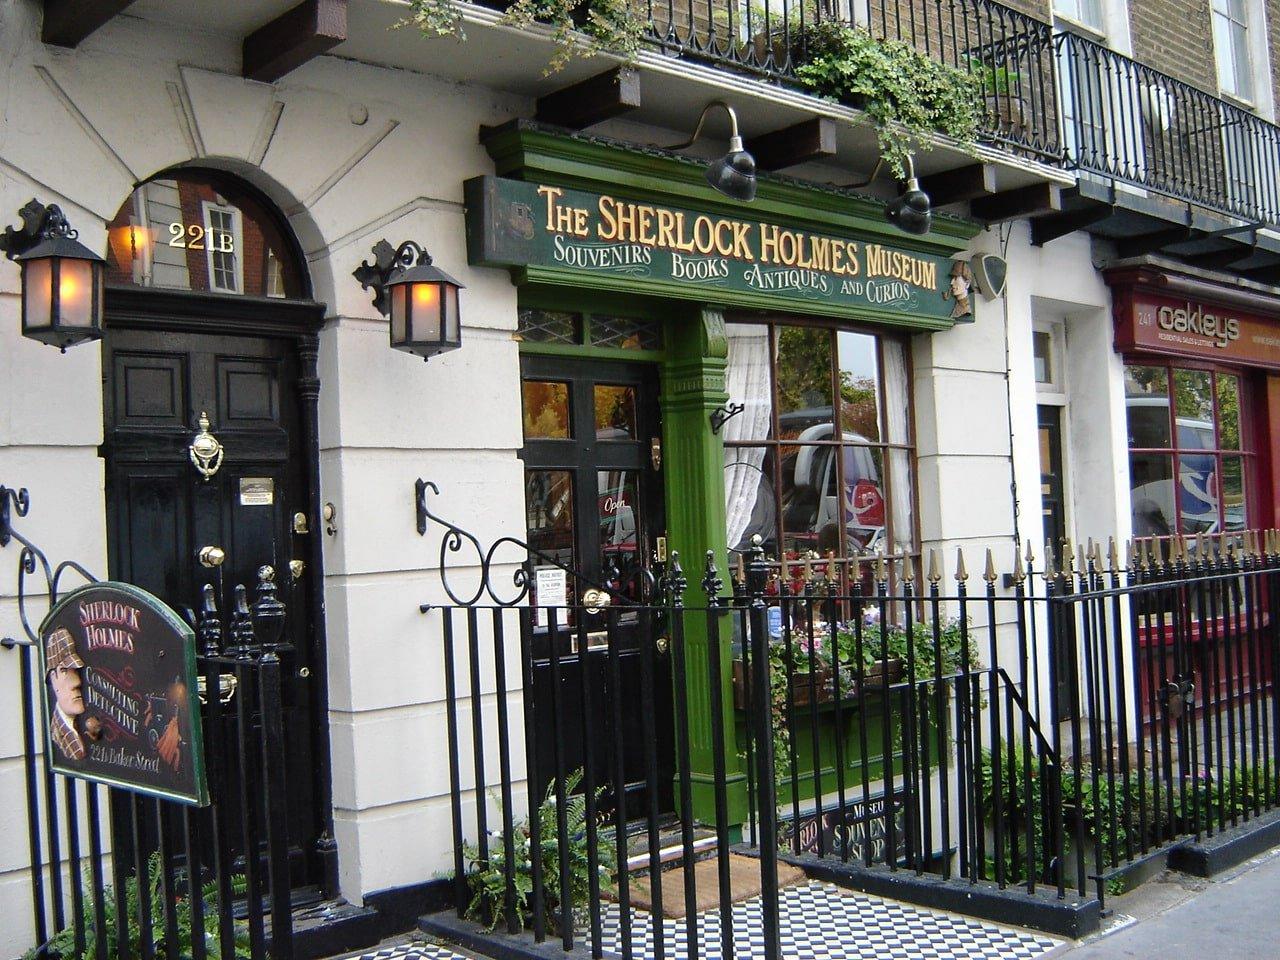 Sherlock Holmes Museum (Музей Шерлока Холмса), Визначні місця Лондона